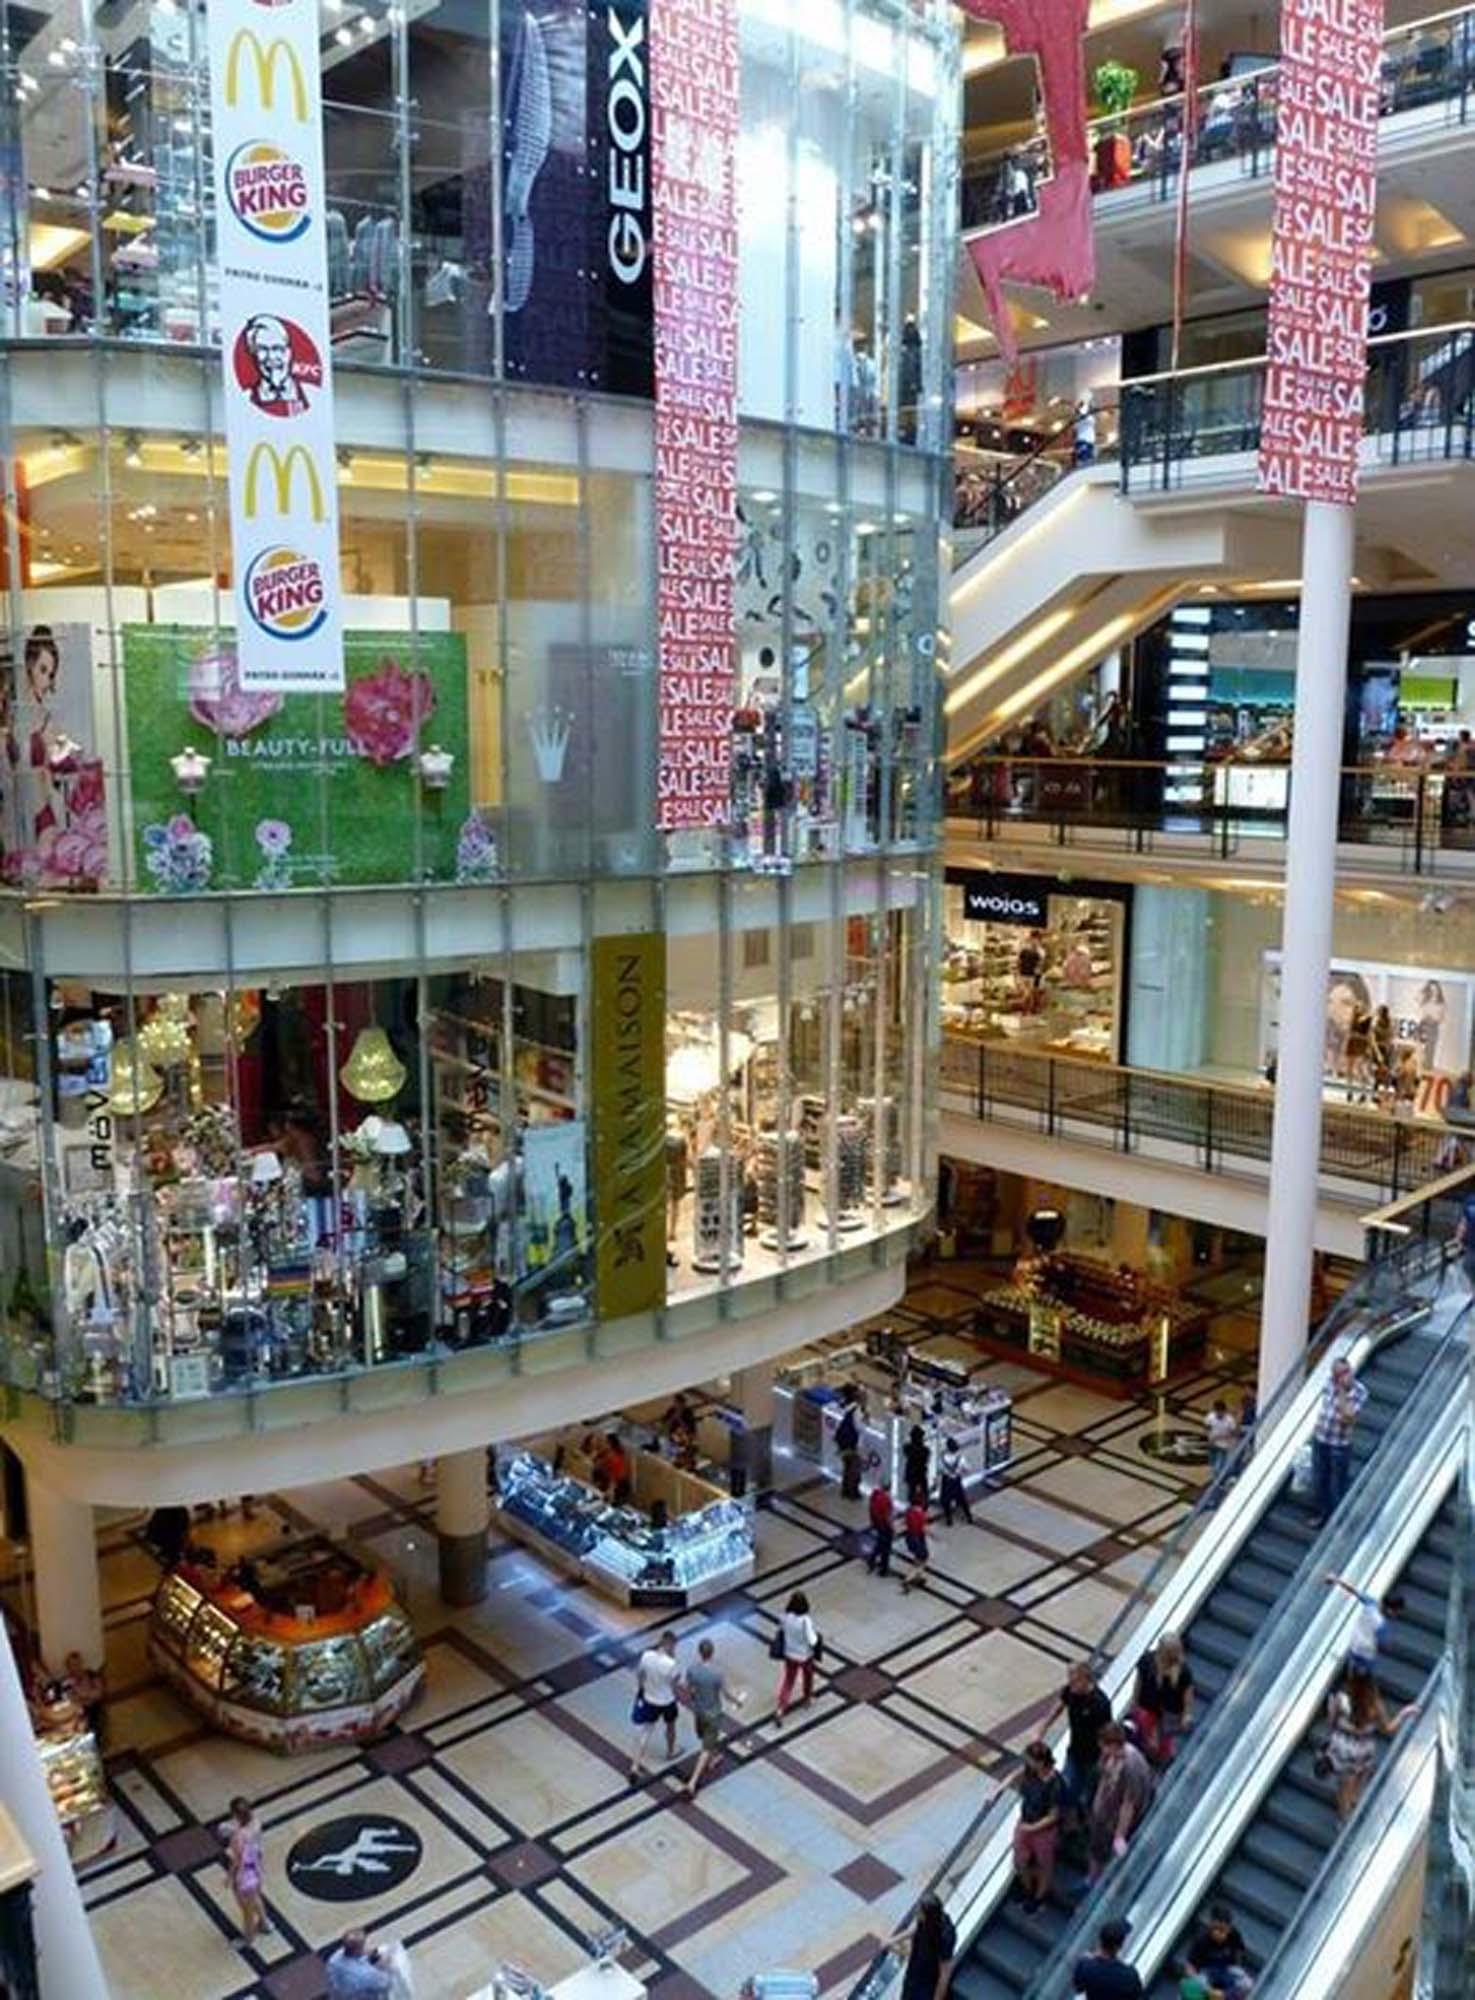 gekühltes Klima im Einkaufszentrum